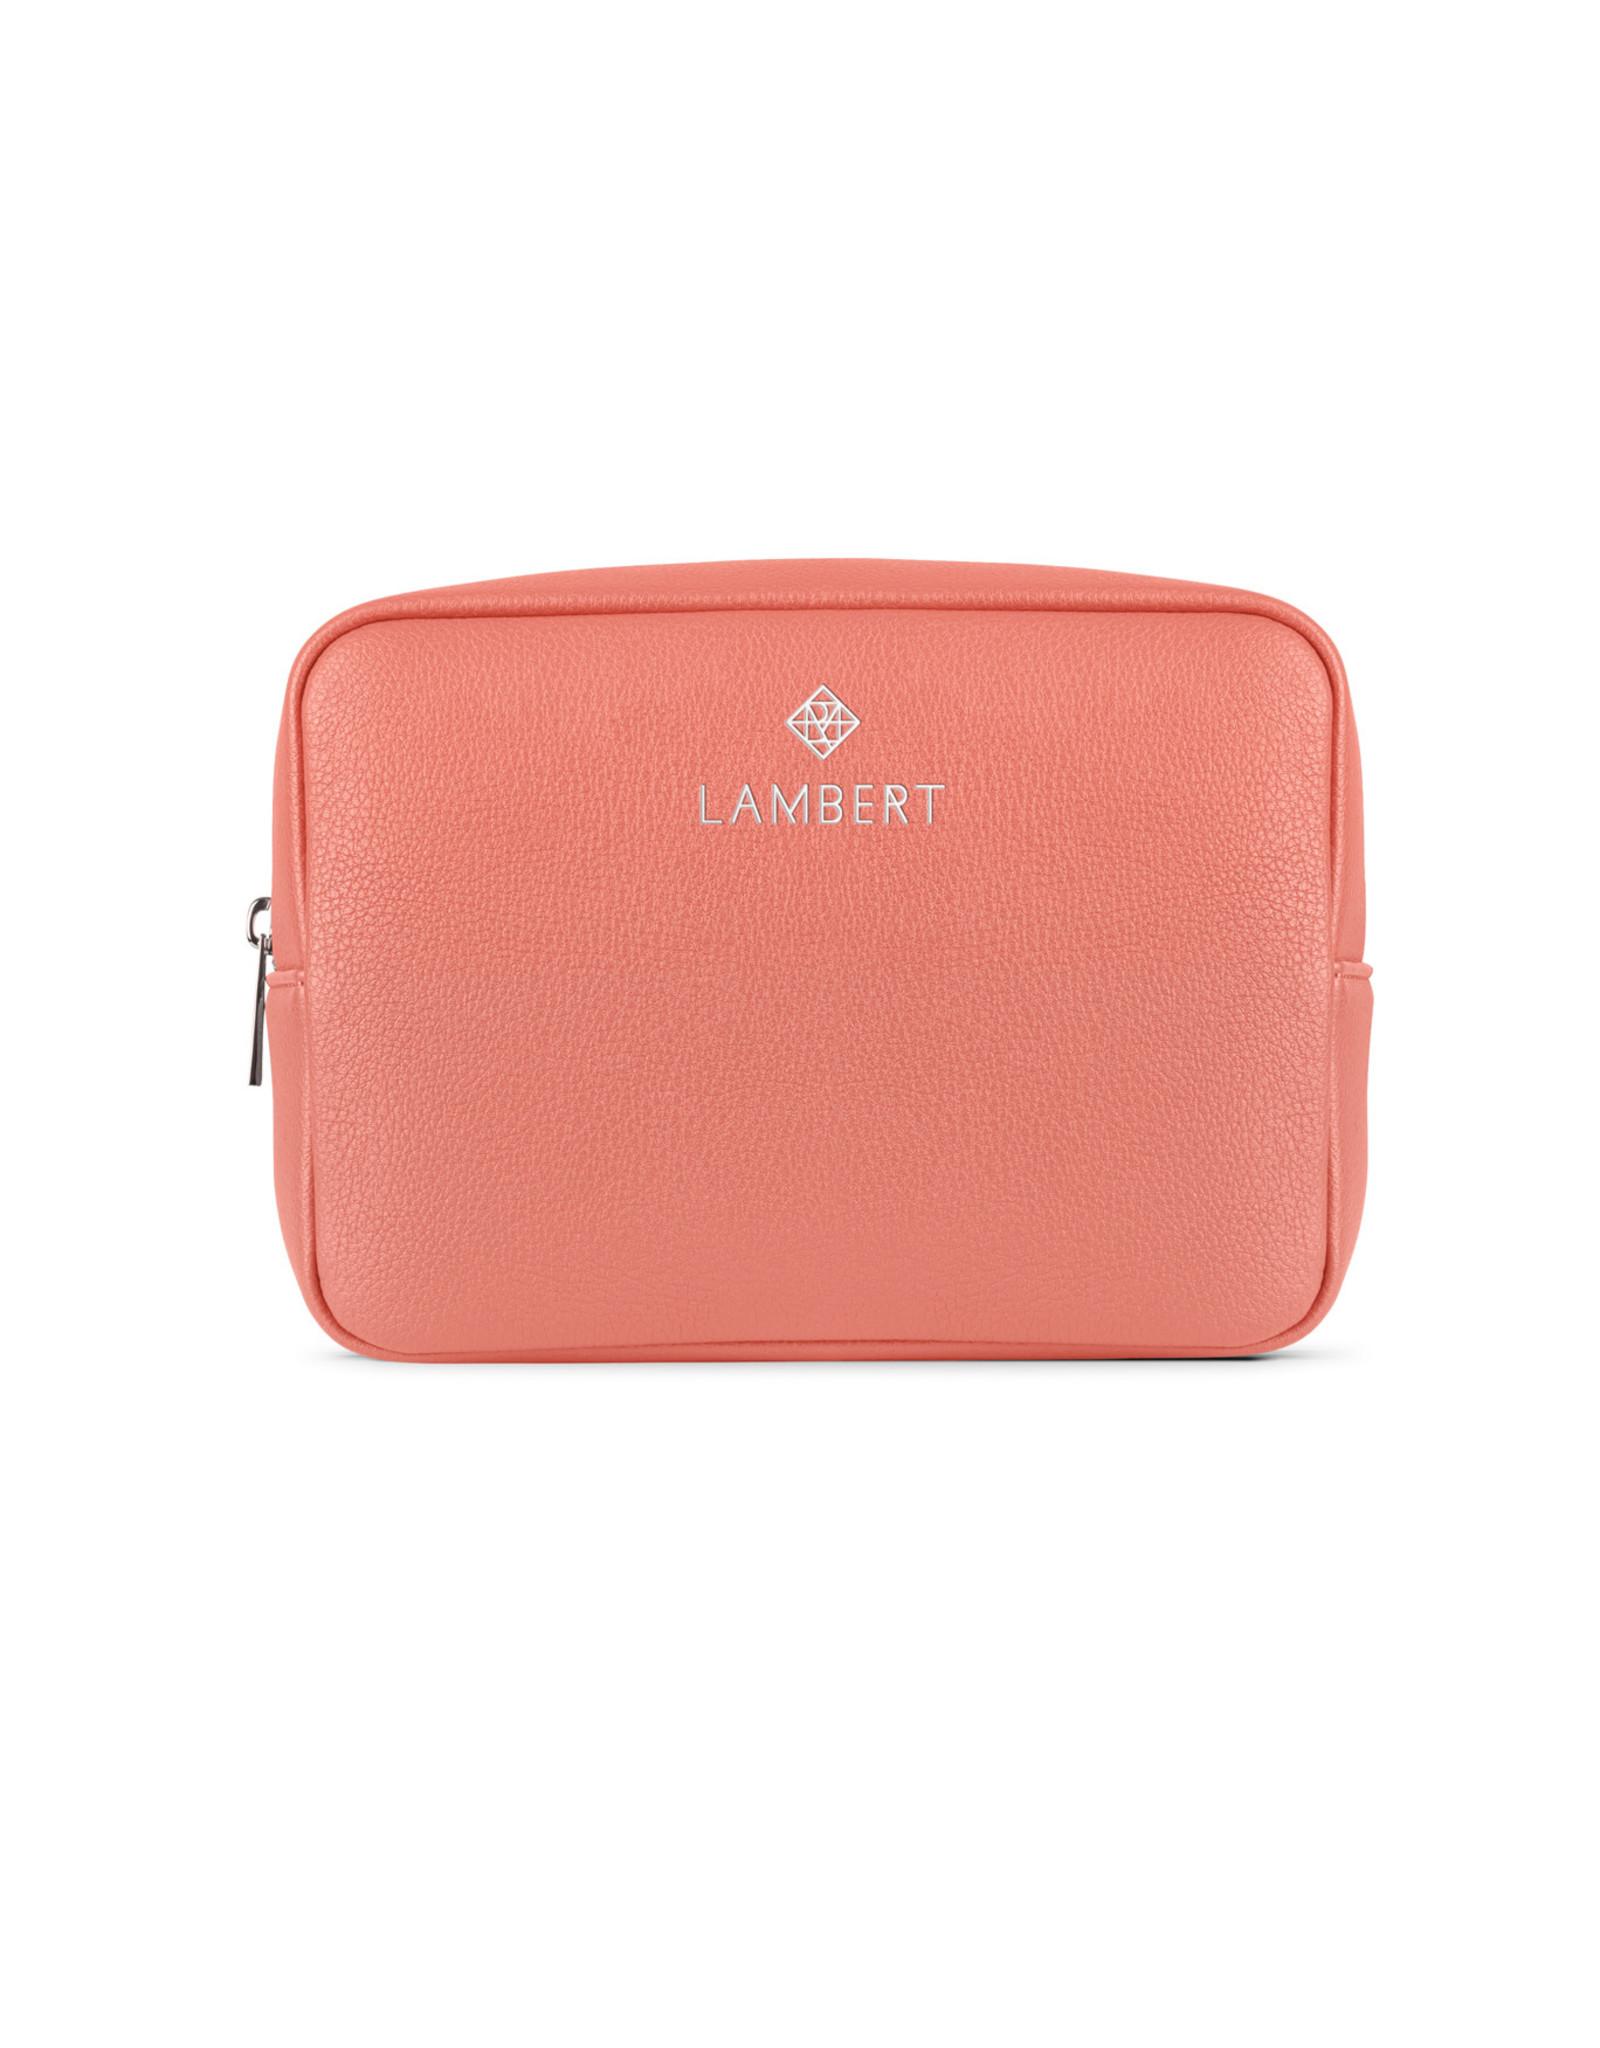 Lambert Zoé - Trousse à cosmétique - Blossom